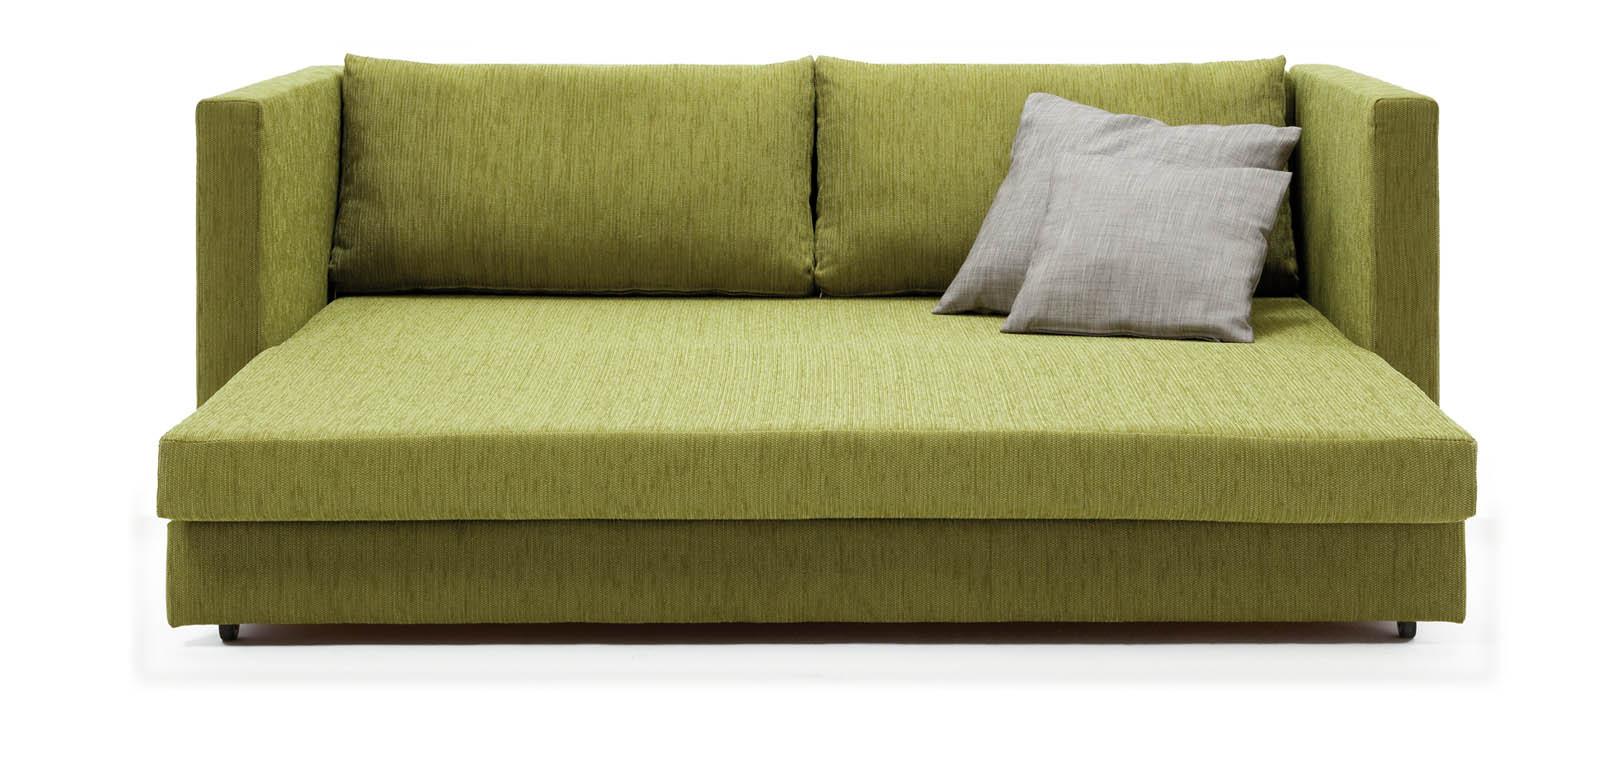 schlafsofa blu von franz fertig. Black Bedroom Furniture Sets. Home Design Ideas